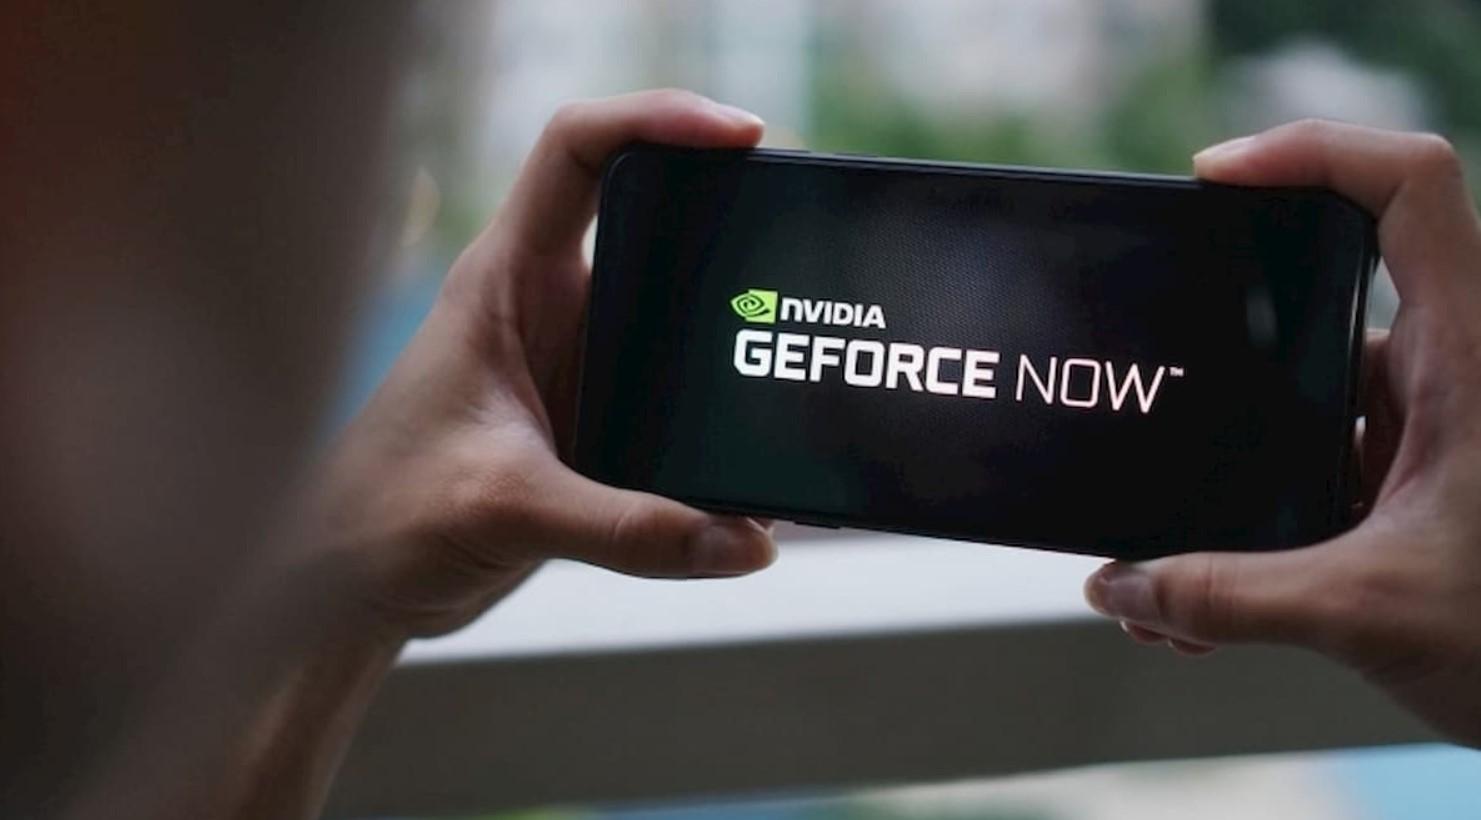 GeForce NOW пользуются свыше 1 млн человек. Сервис работает меньше месяца